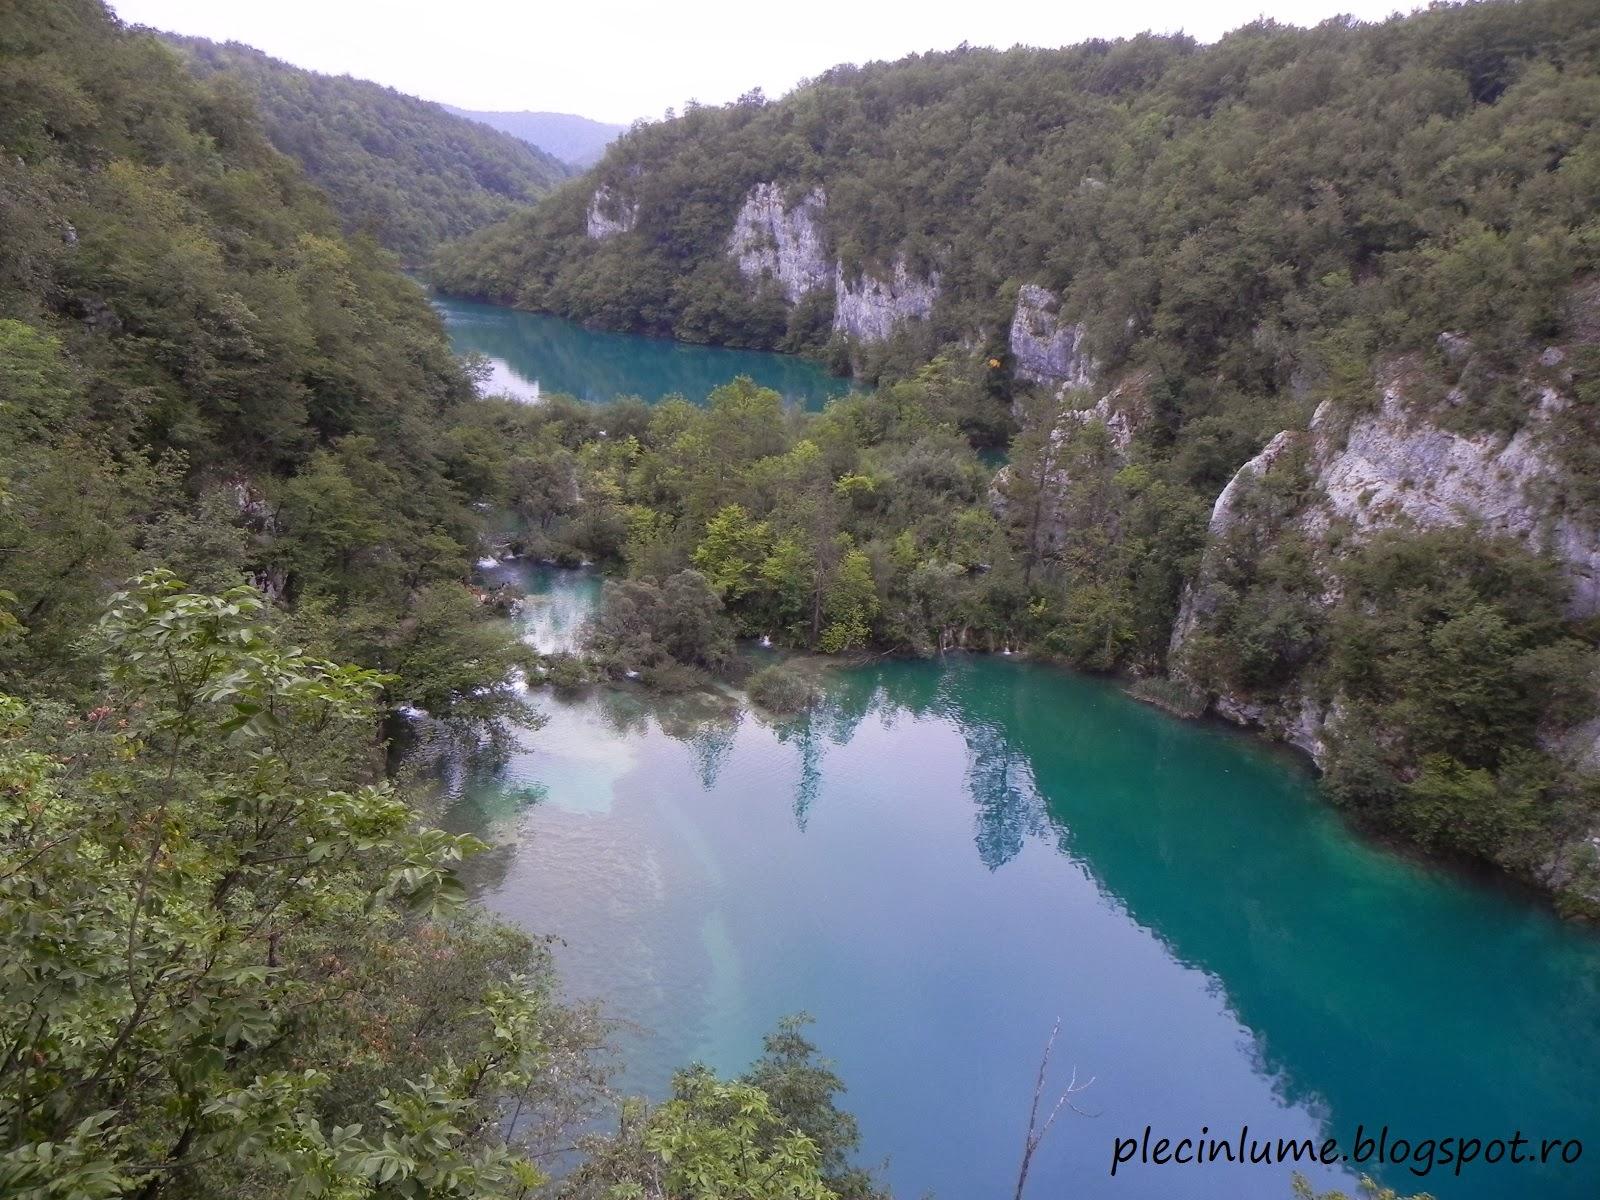 Lacurile Plitvice, Croatia